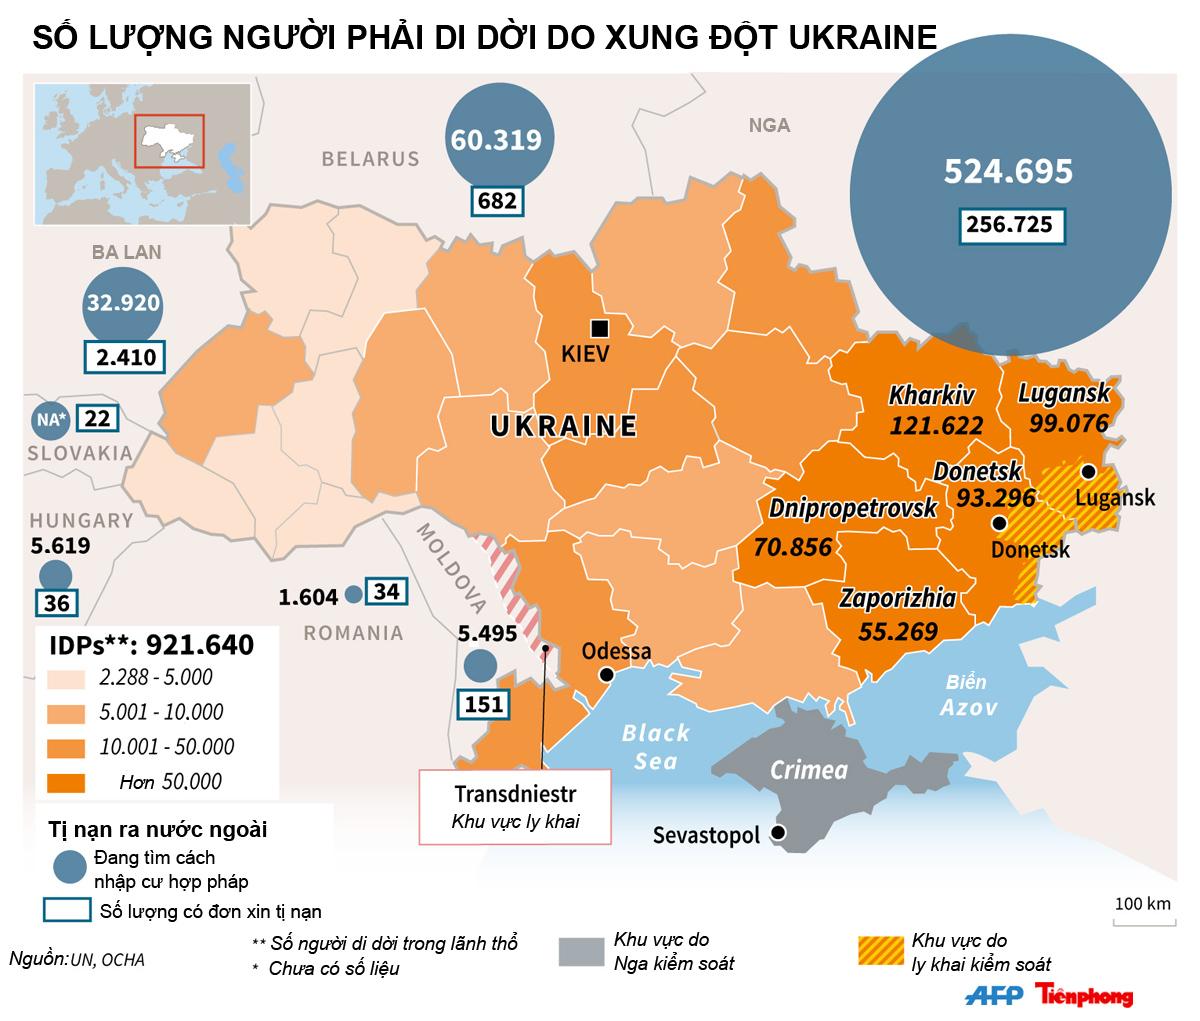 [ĐỒ HỌA] Con số khổng lồ người sơ tán vì xung đột Ukraine - ảnh 1